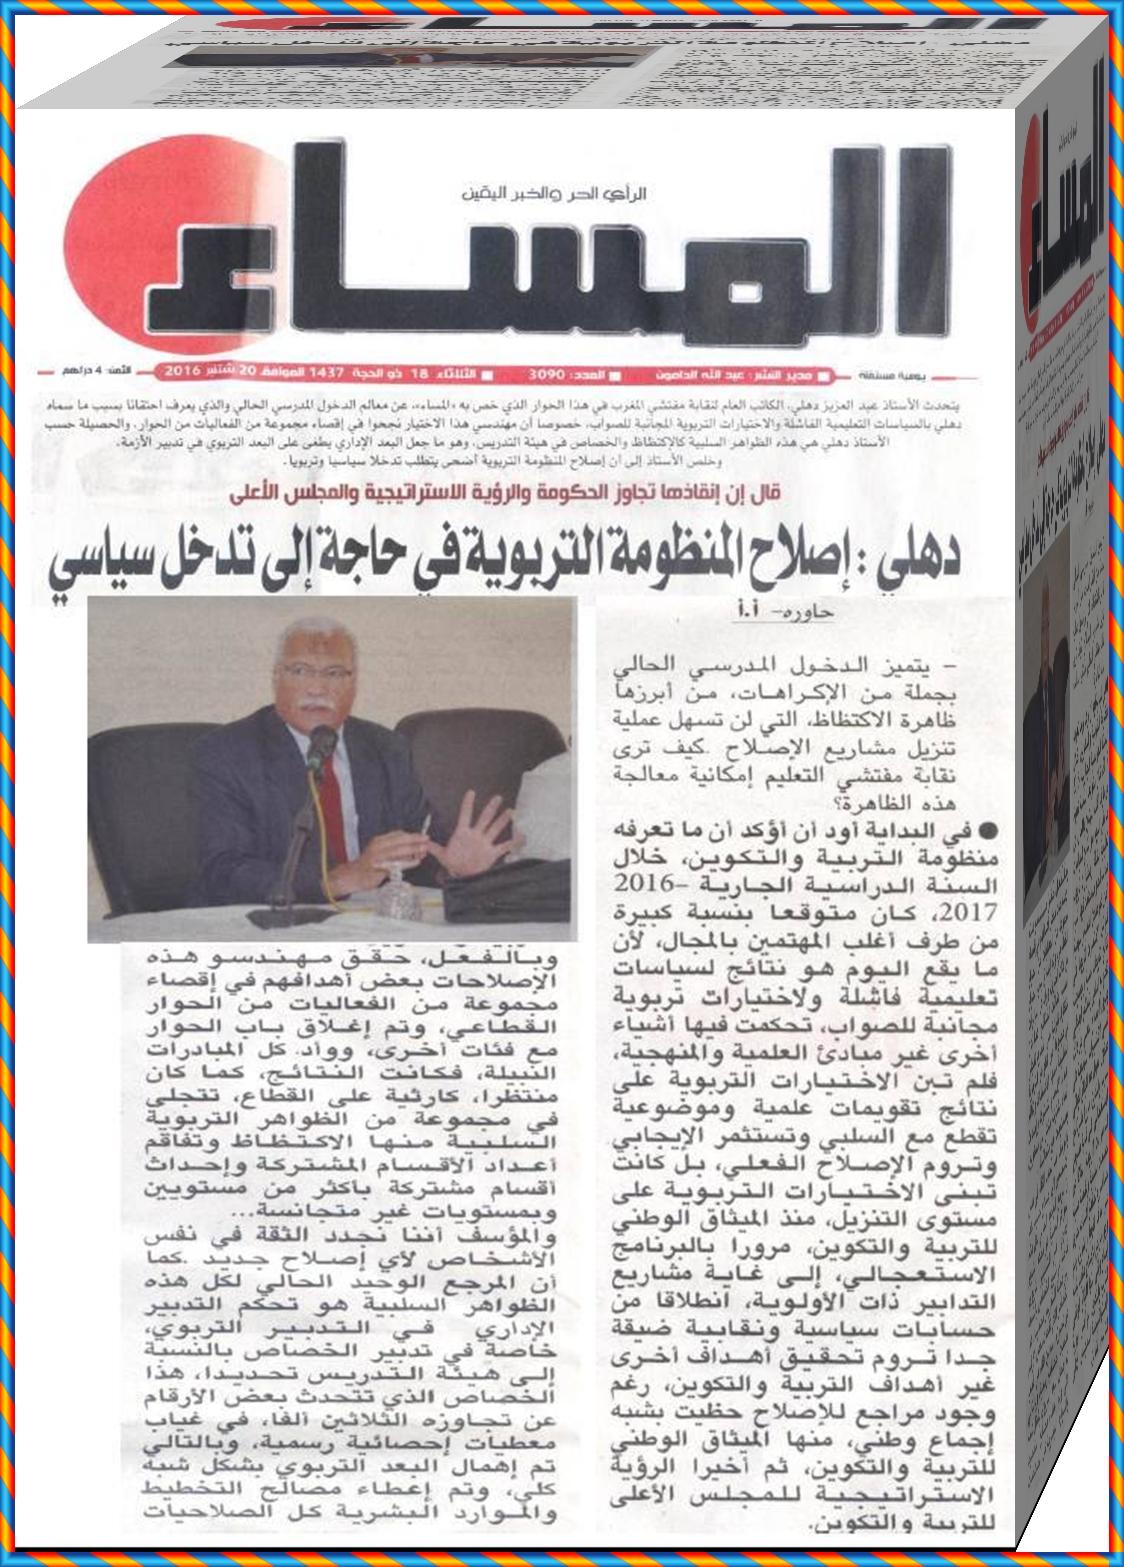 نص الاستجواب الذي أجراه الكاتب الوطني لنقابة المفتشين مع جريدة المساء